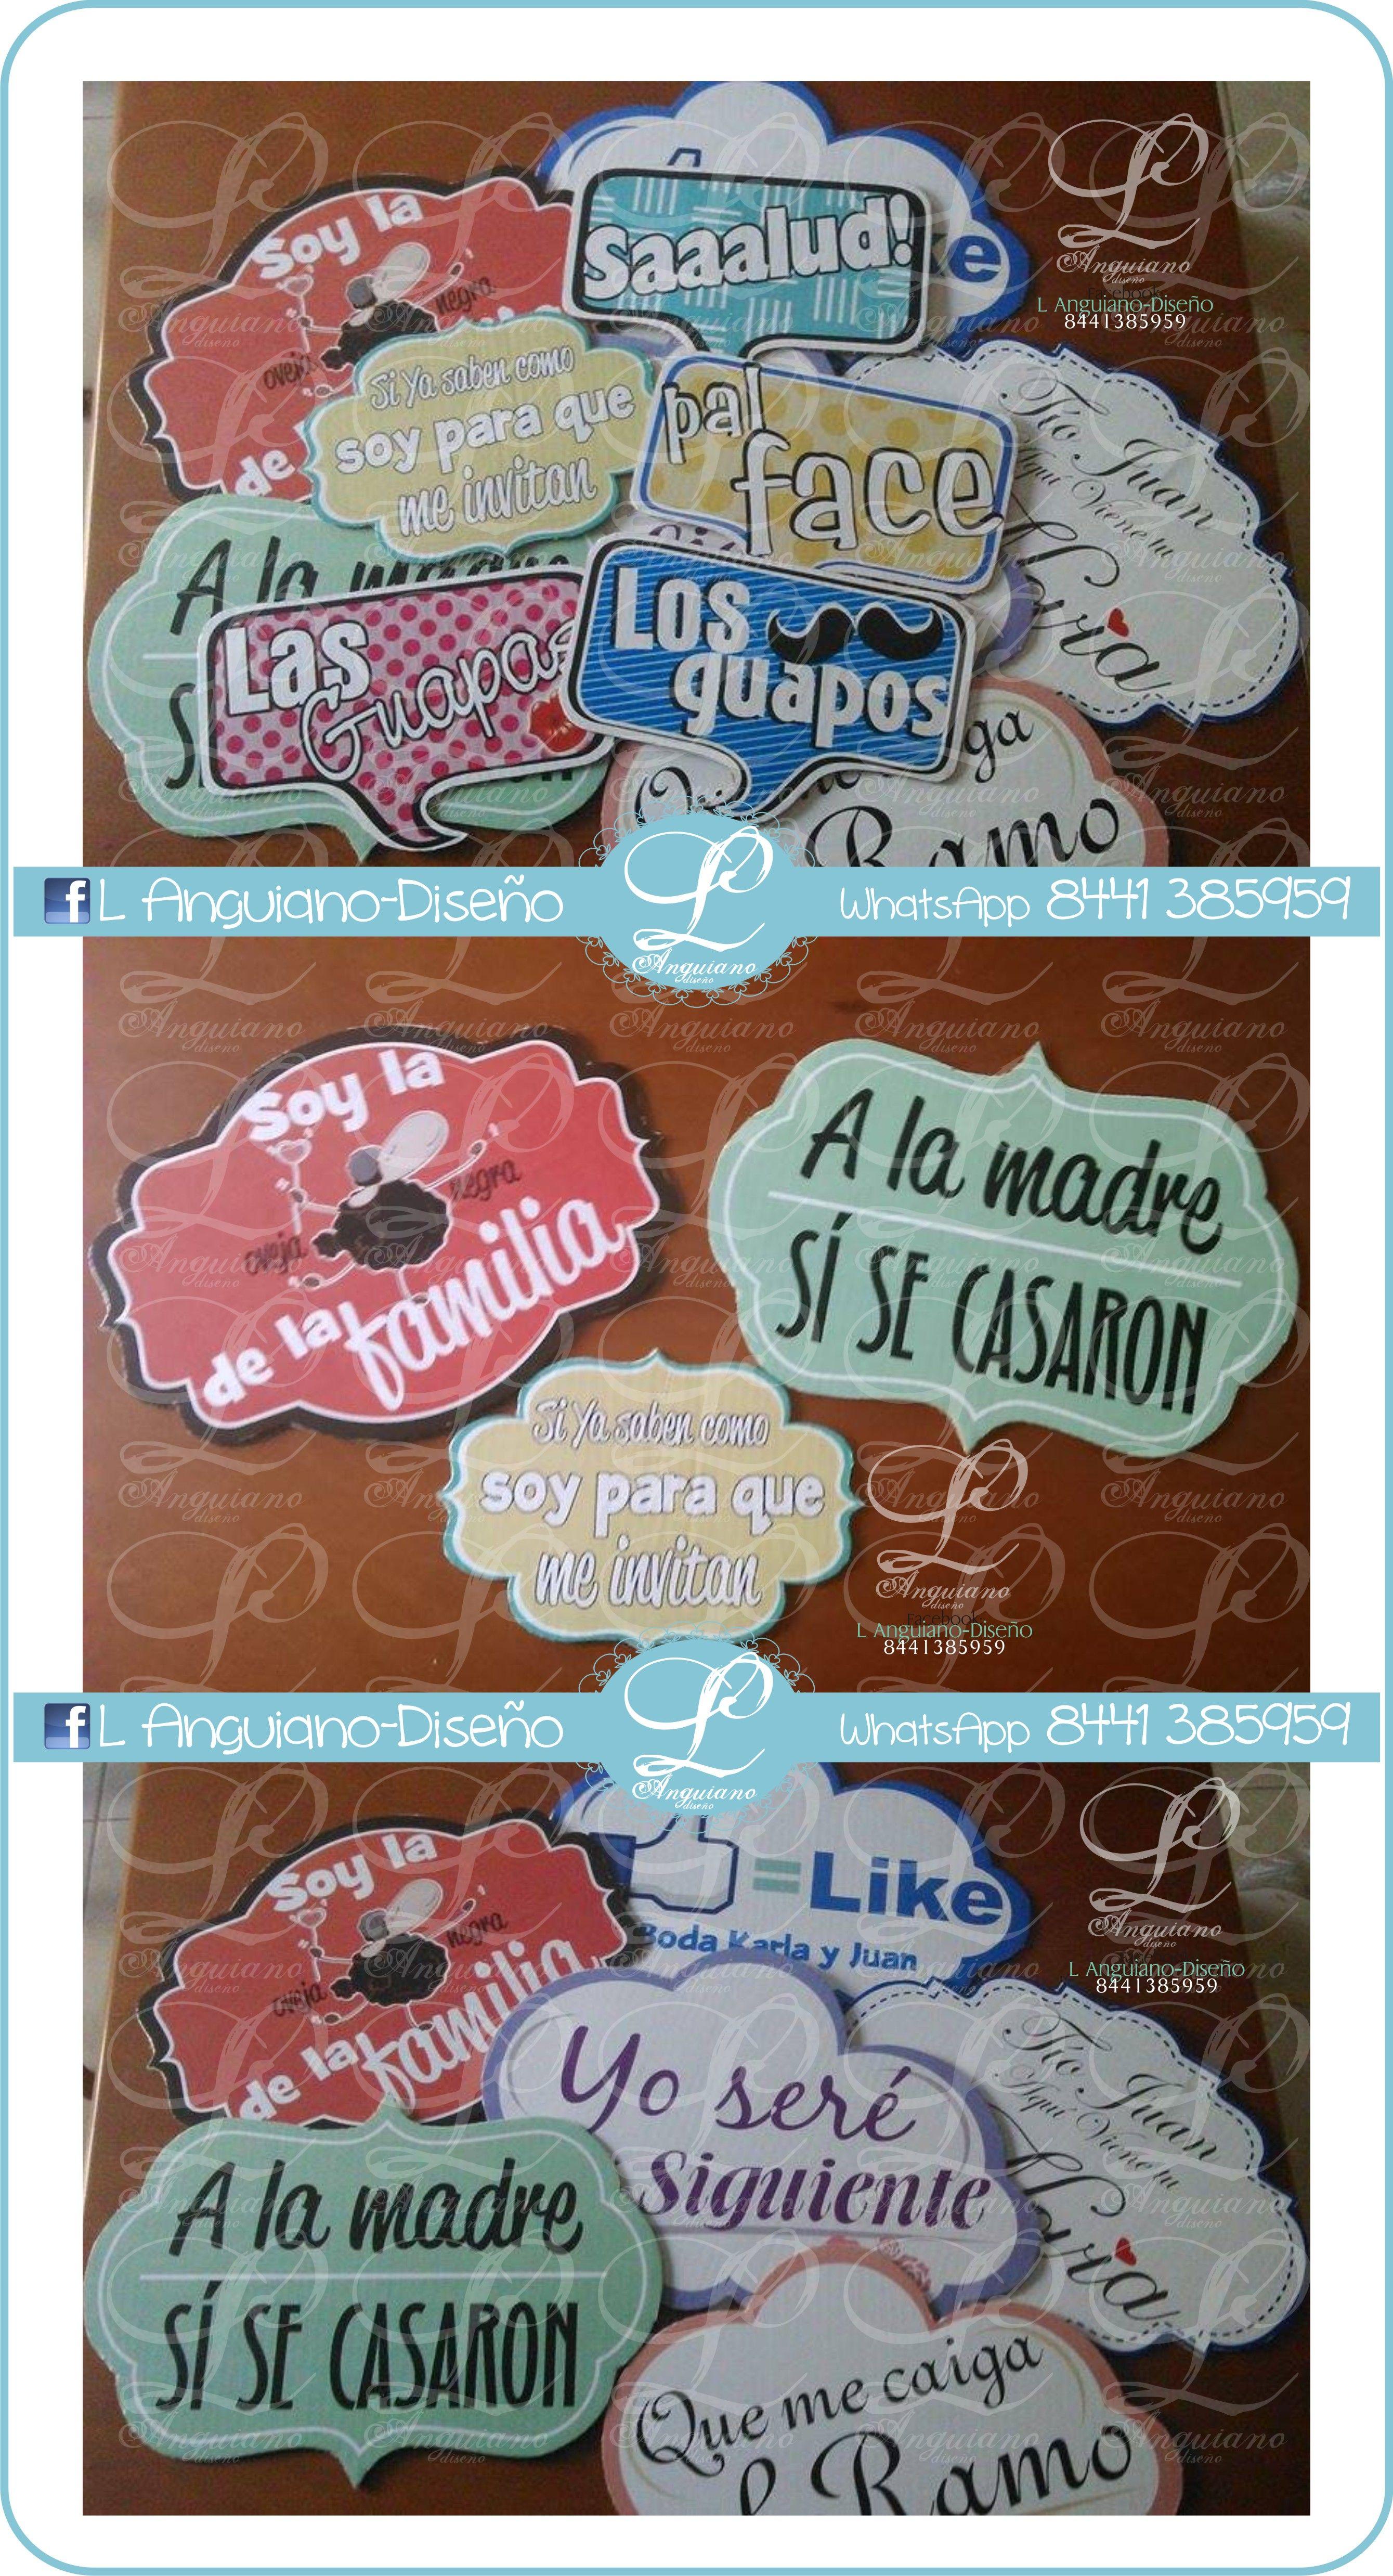 y ya tengo nuevos....! quien dijo yo...? solo en L Anguiano- Diseño ...